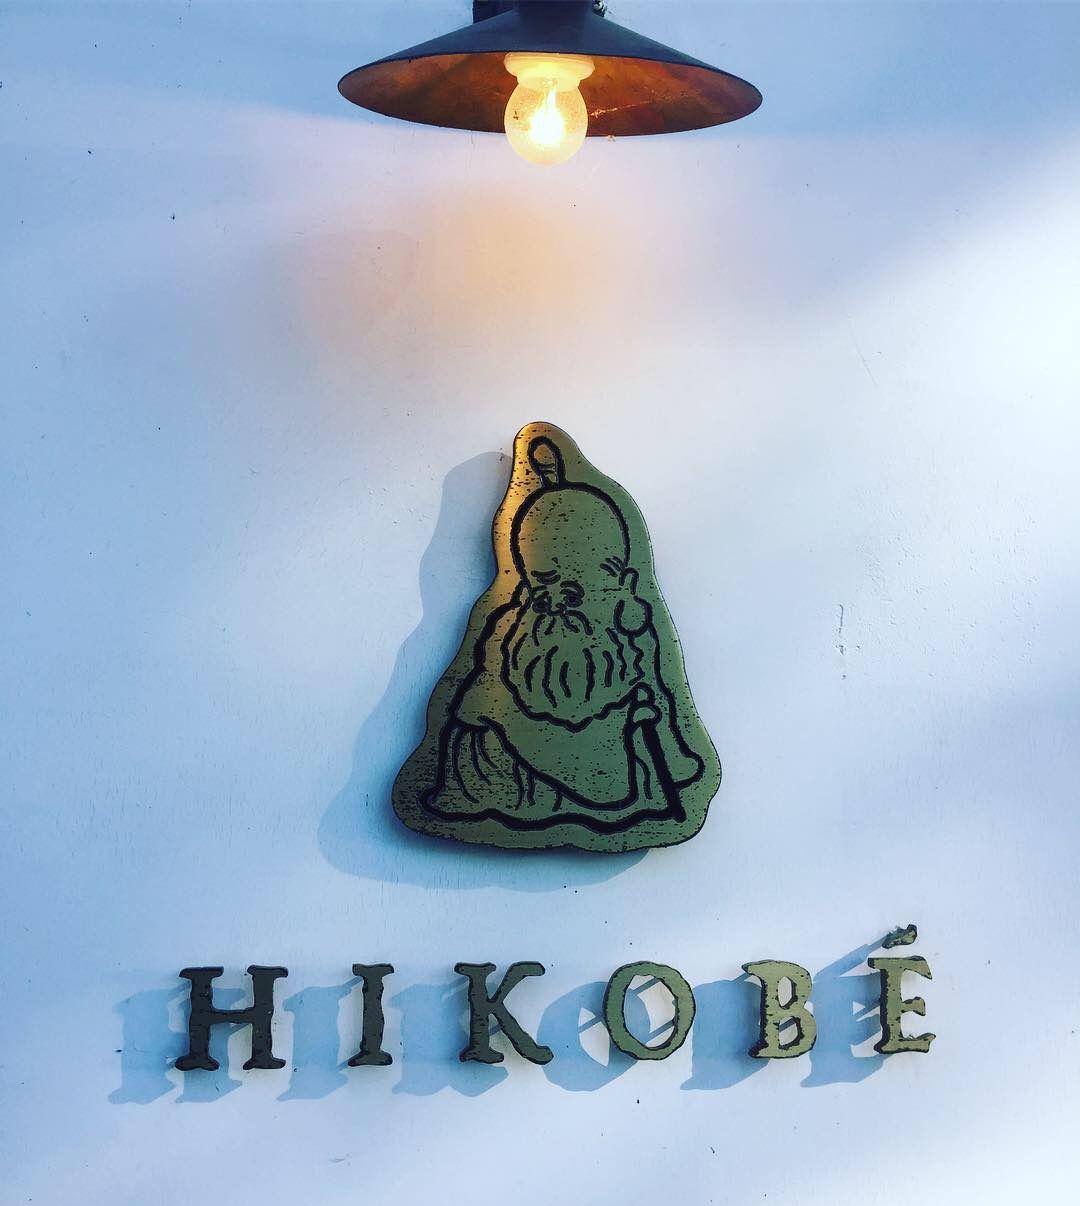 五城目町に誕生!「下夕町醸し室HIKOBE」とは